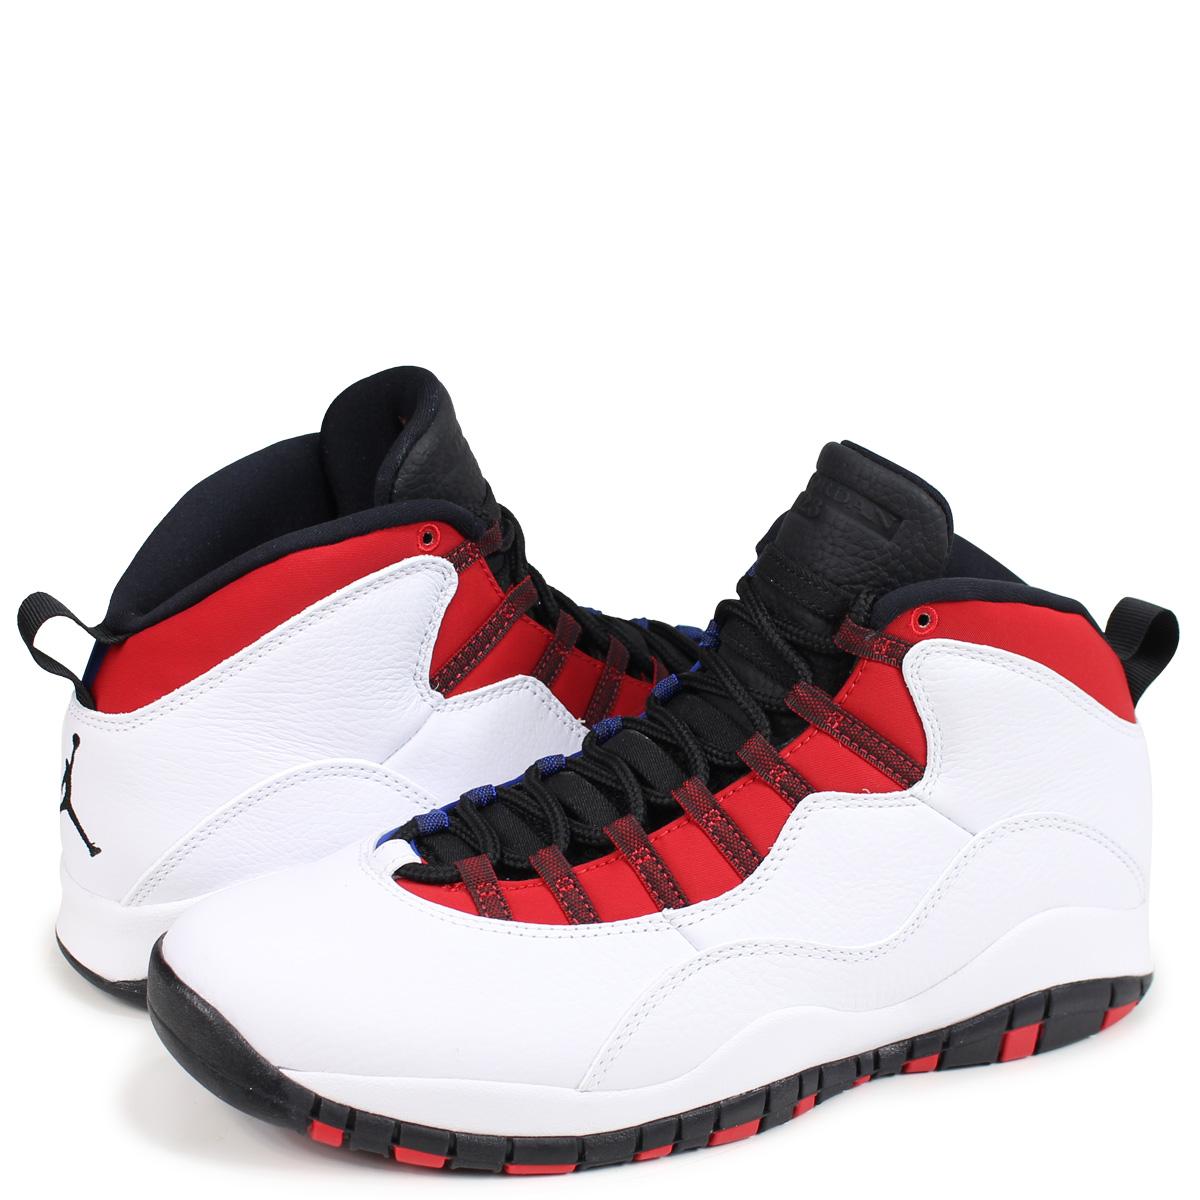 3b3a41a442a3 NIKE AIR JORDAN 10 RETRO RUSSELL WESTBROOK Nike Air Jordan 10 nostalgic  sneakers men 310